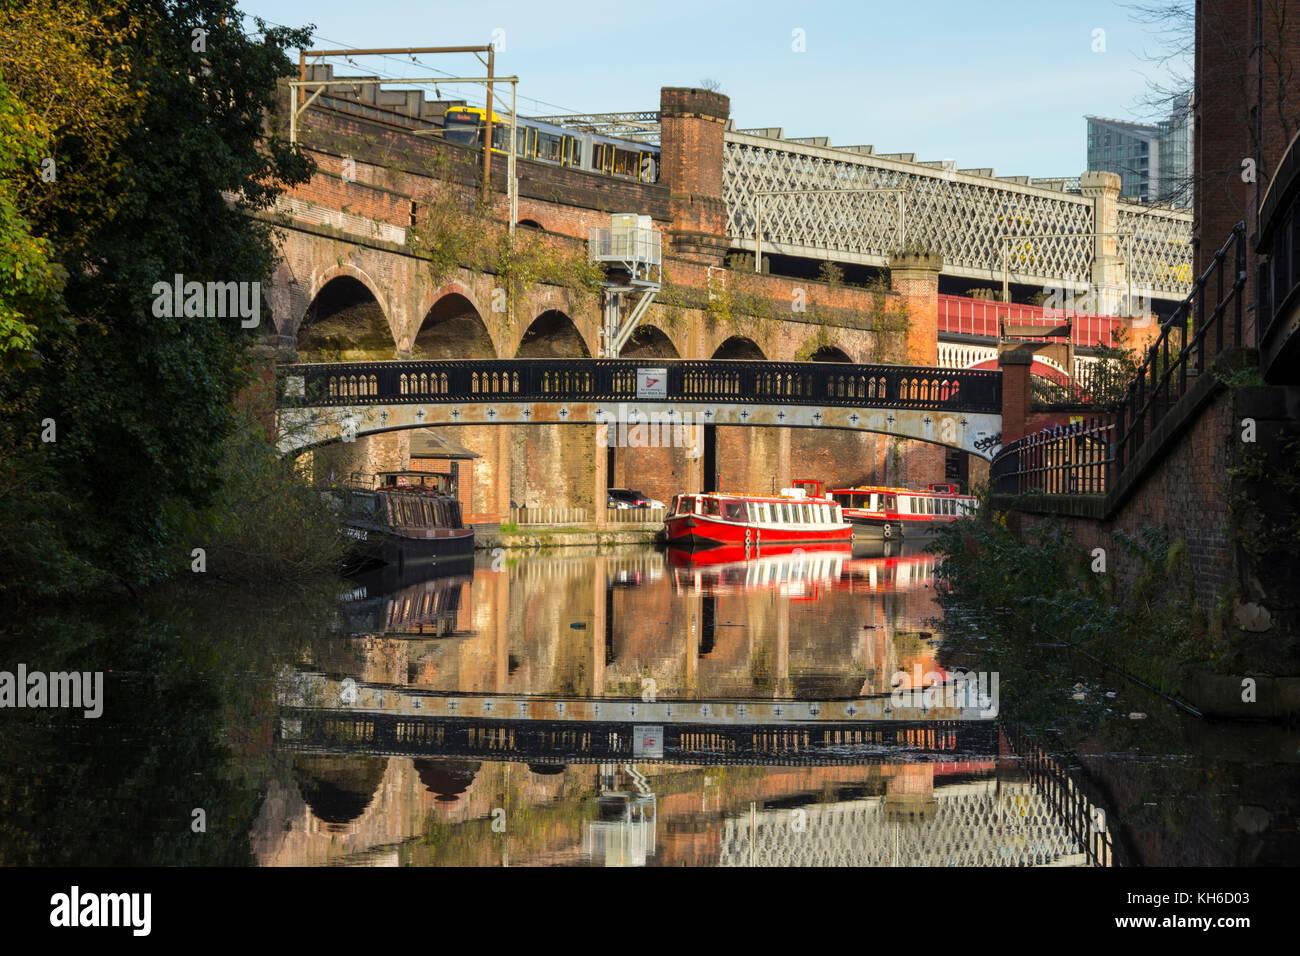 Eine Fußgängerbrücke, viktorianischen Bahnhof Viadukte und Hausbooten in der Bridgewater Canal in Castlefield, Manchester, England, UK wider. Stockfoto